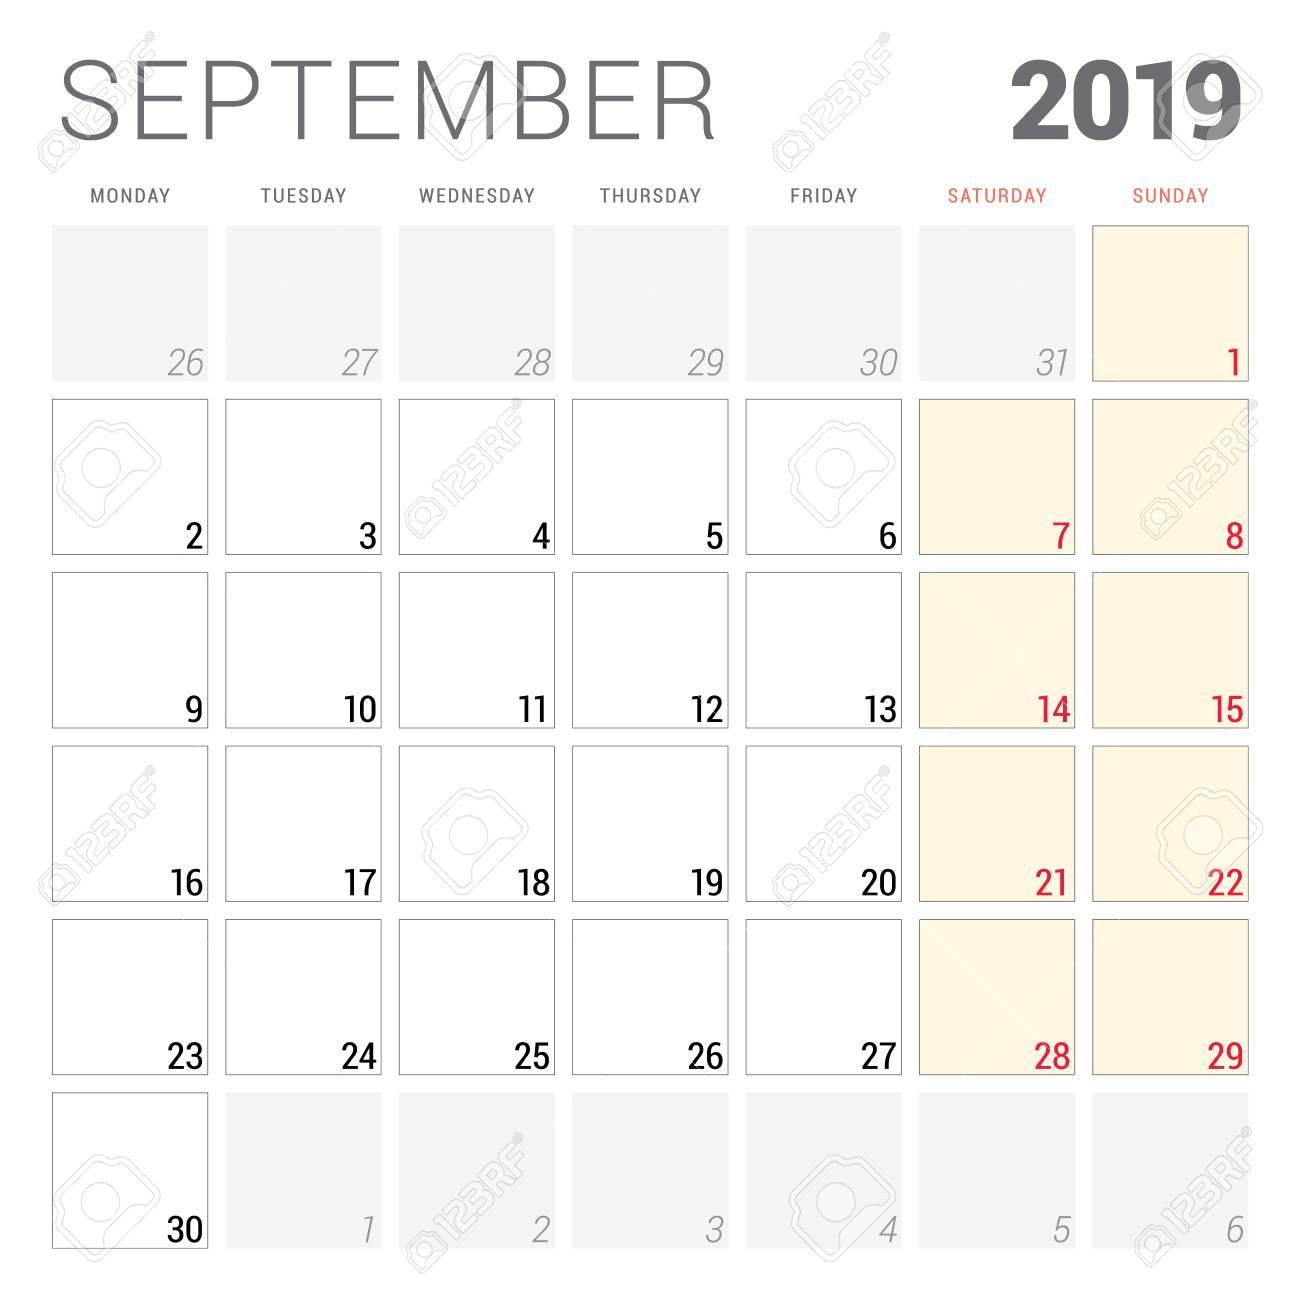 Calendar Planner September 2019.Calendar Planner For September 2019 Week Starts On Monday Printable